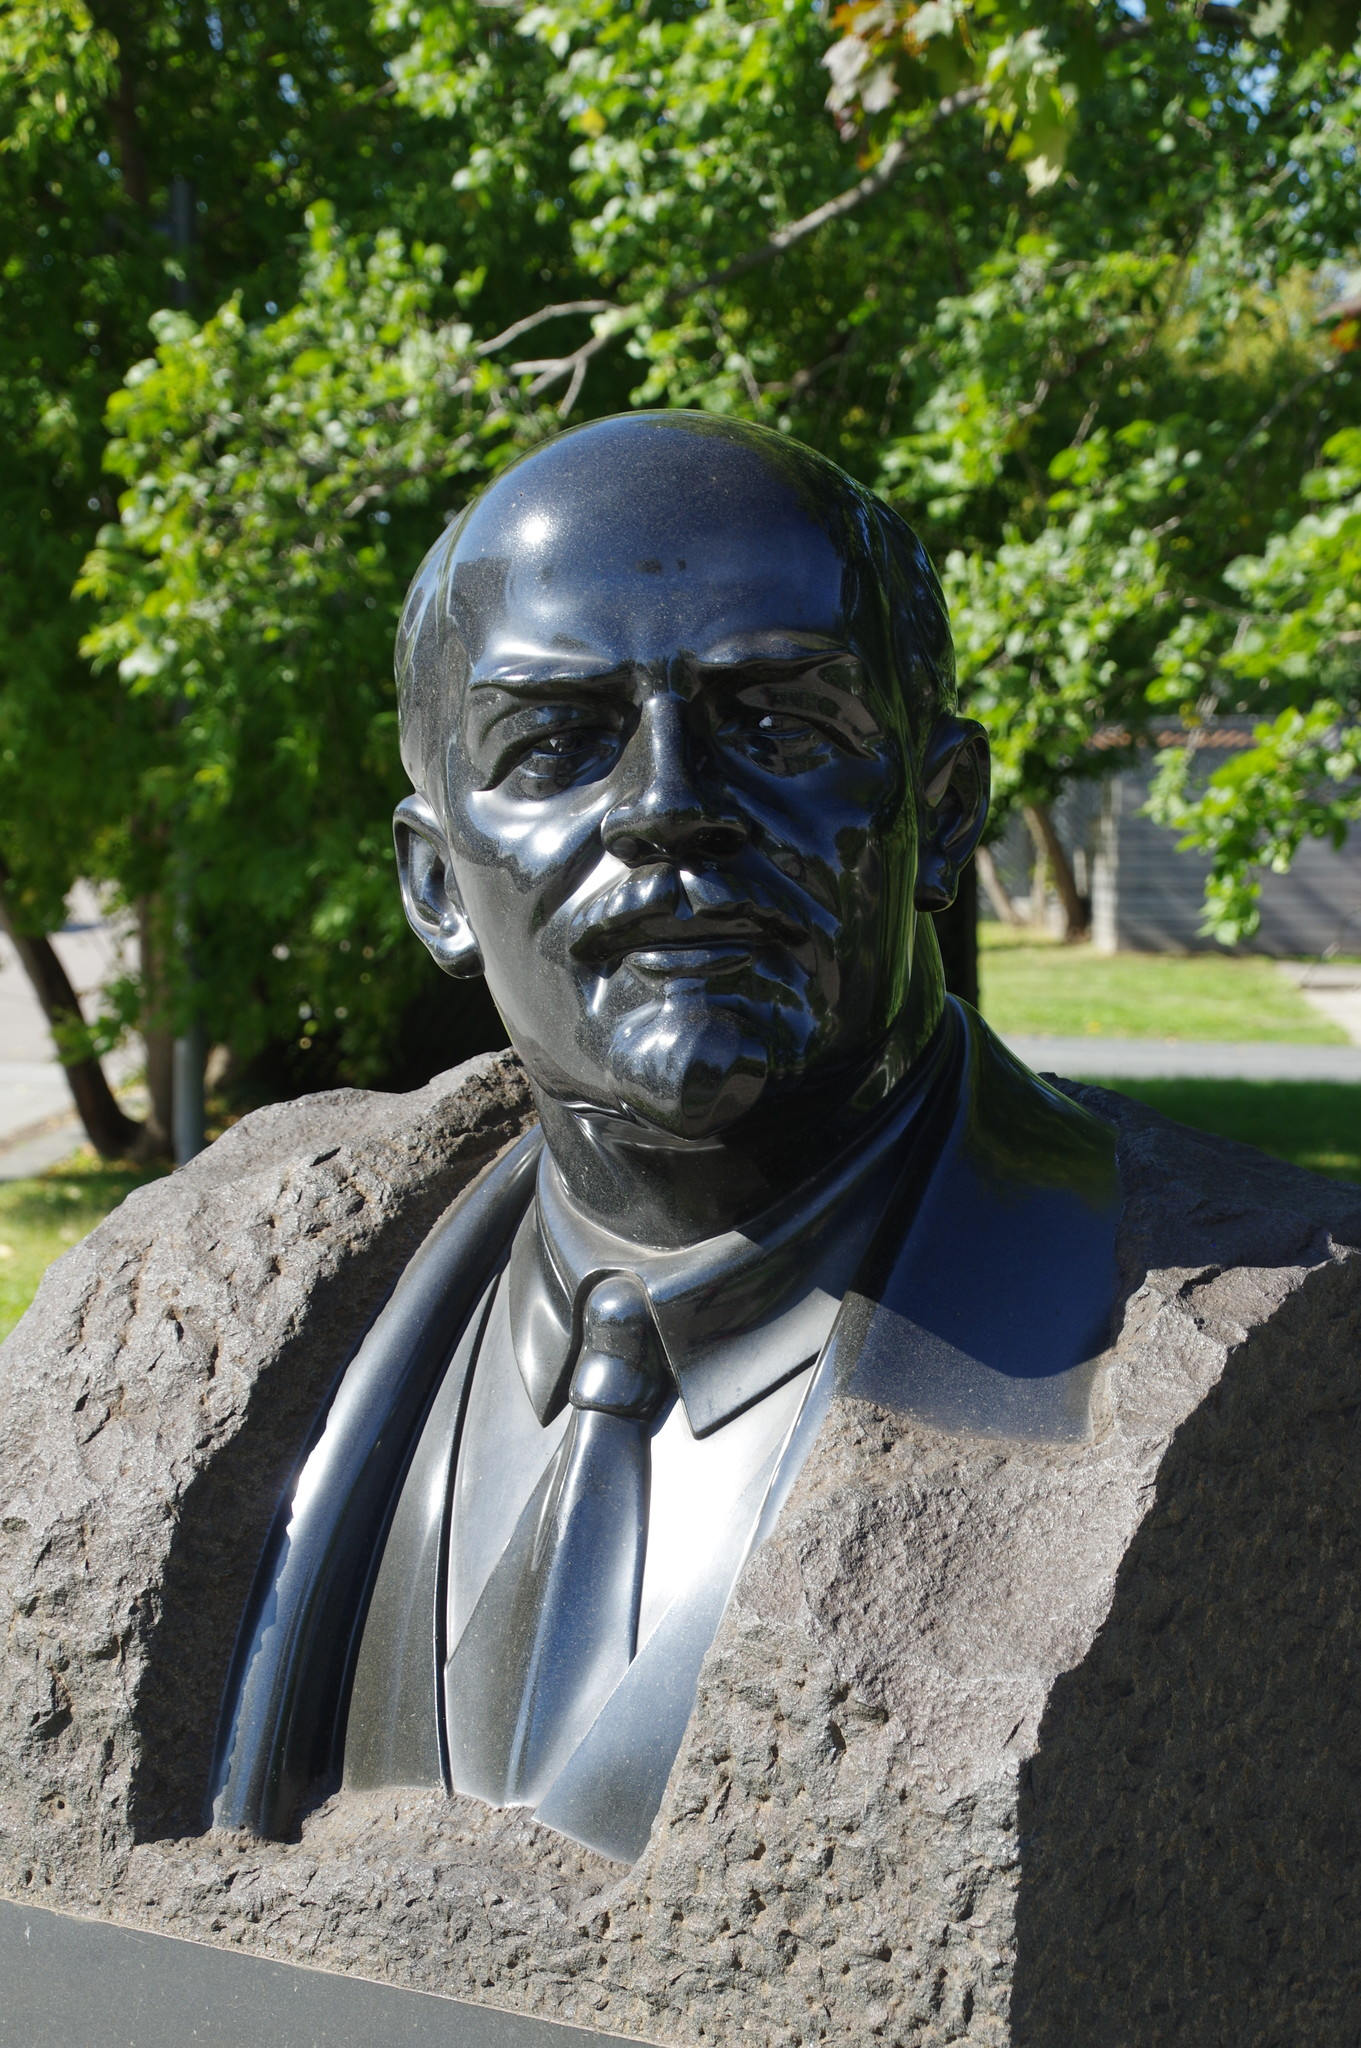 В.И. Ленин. 1939 г. Гранит. Меркуров С.Д. Парк искусств «Музеон»